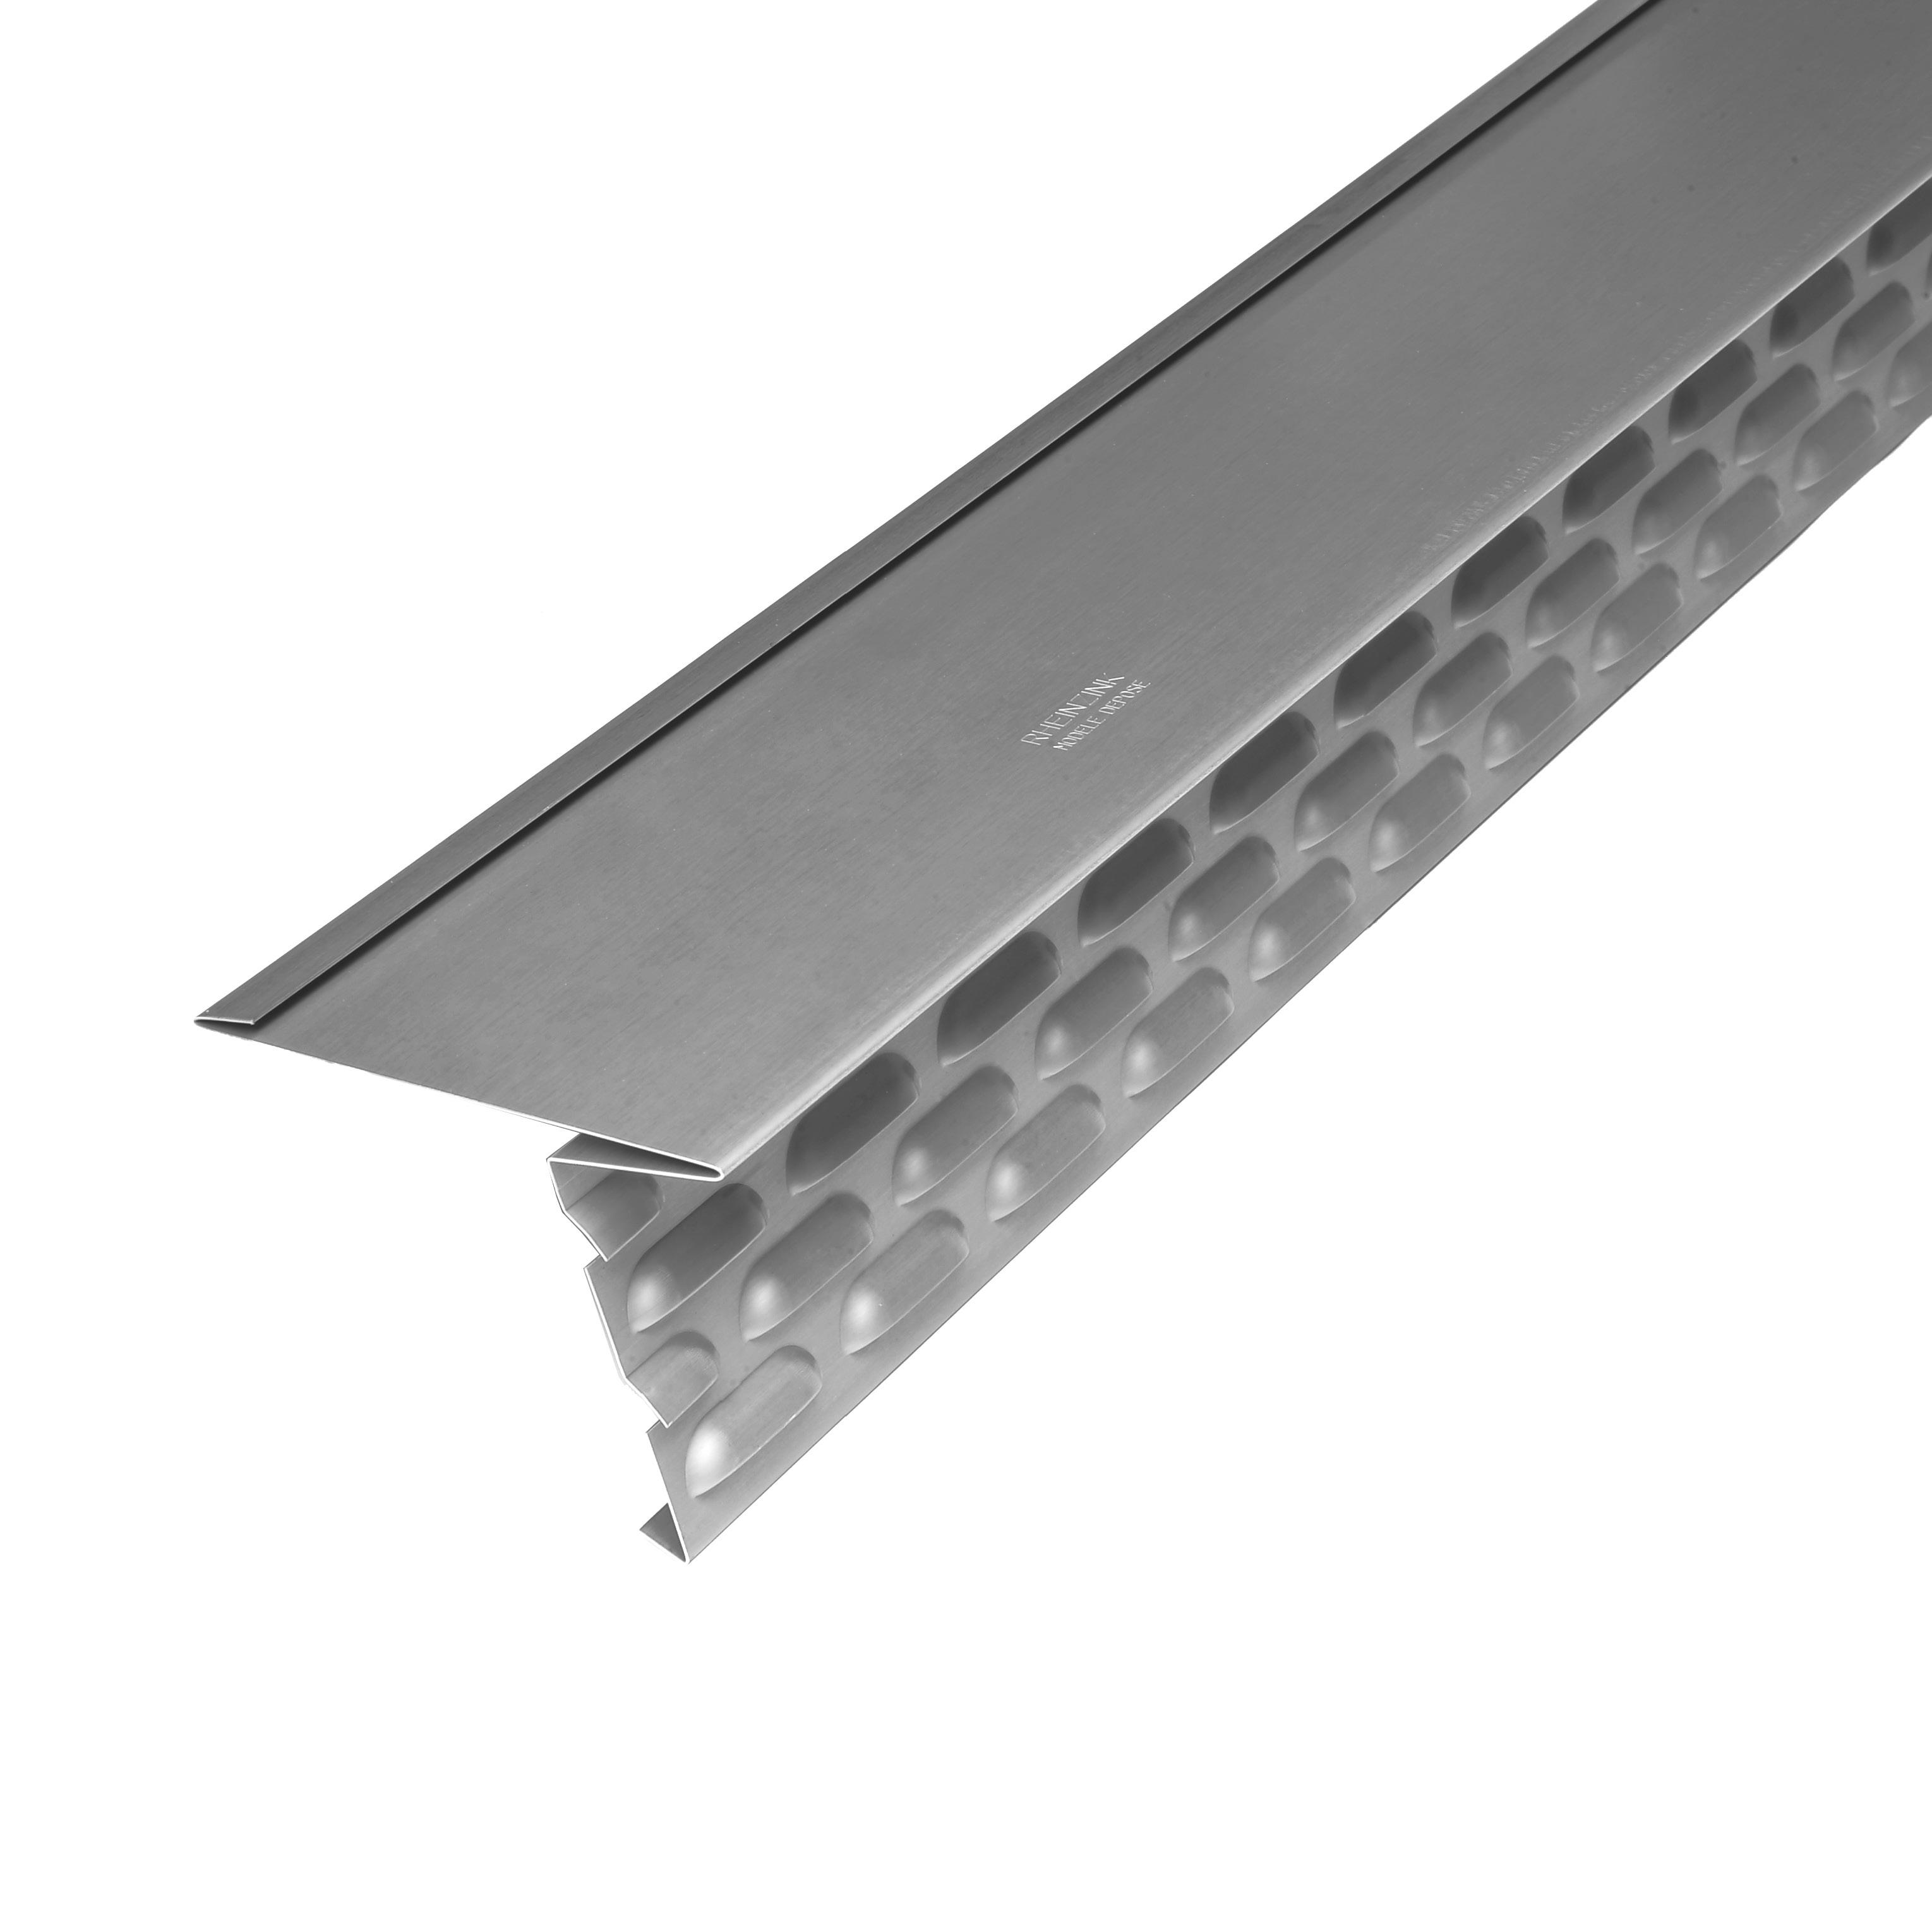 bandes d 39 gout ventil es en zinc longueur 2m d veloppement